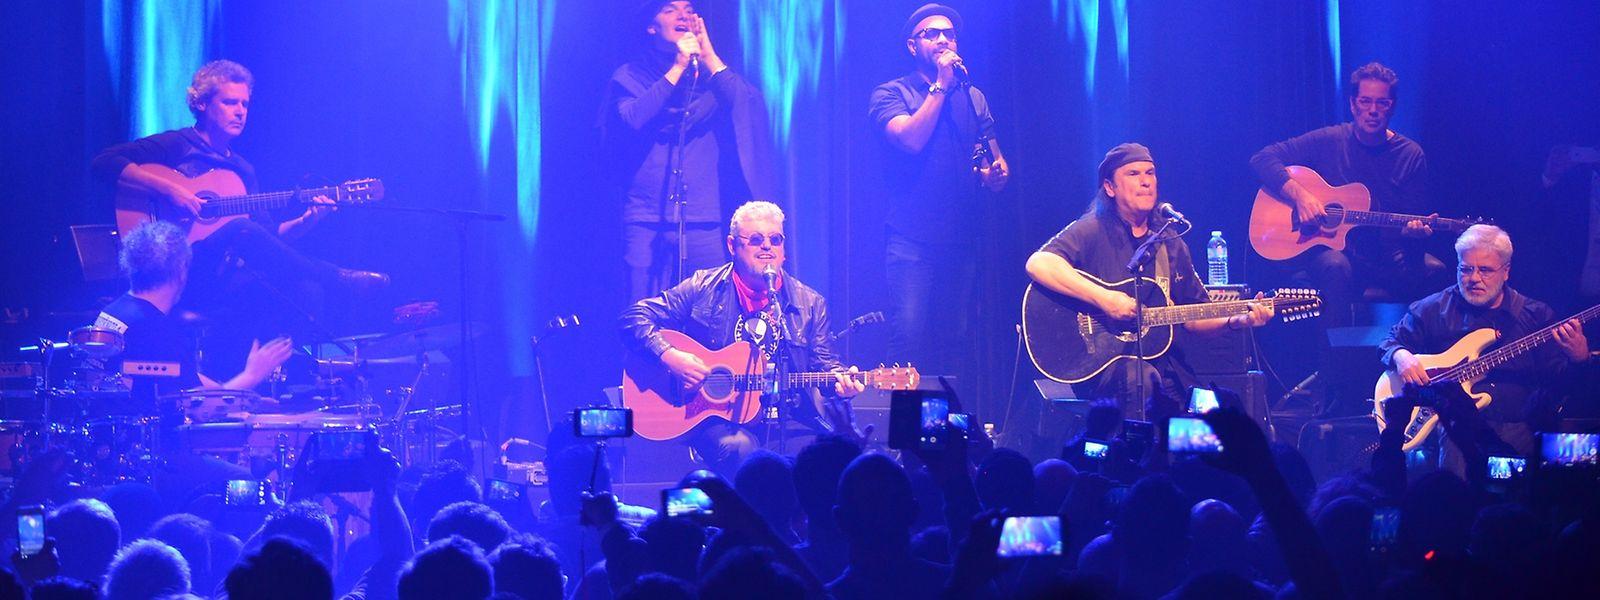 Os resistência em concerto no Bataclan